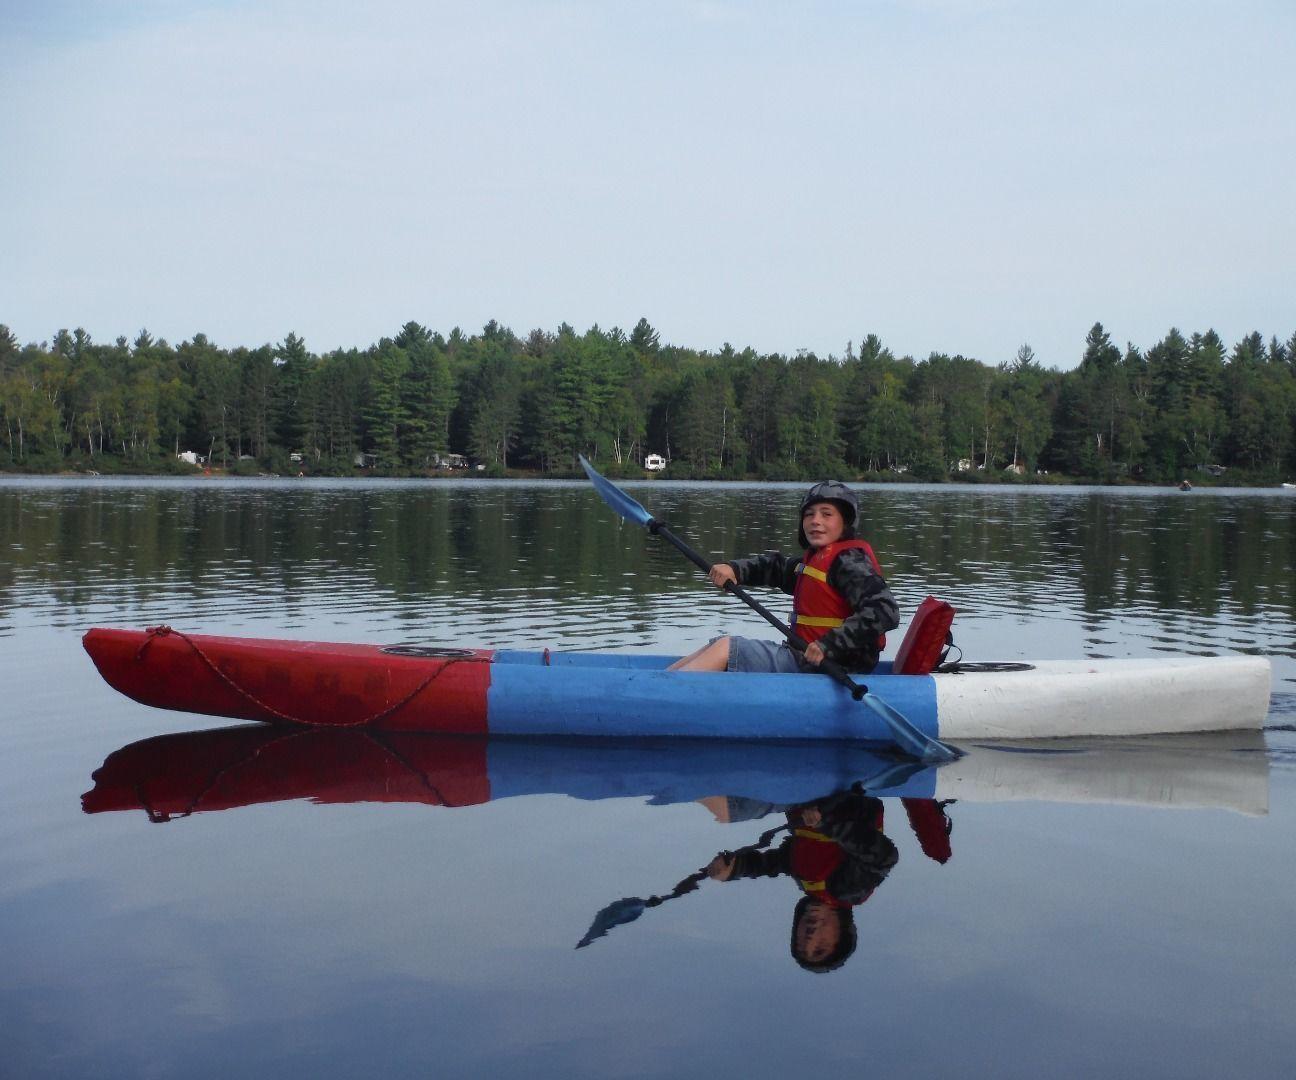 Sawfish, an unsinkable, lightweight, foam kayak (23 lbs). Free DIY kayak plans, the hardware store boat